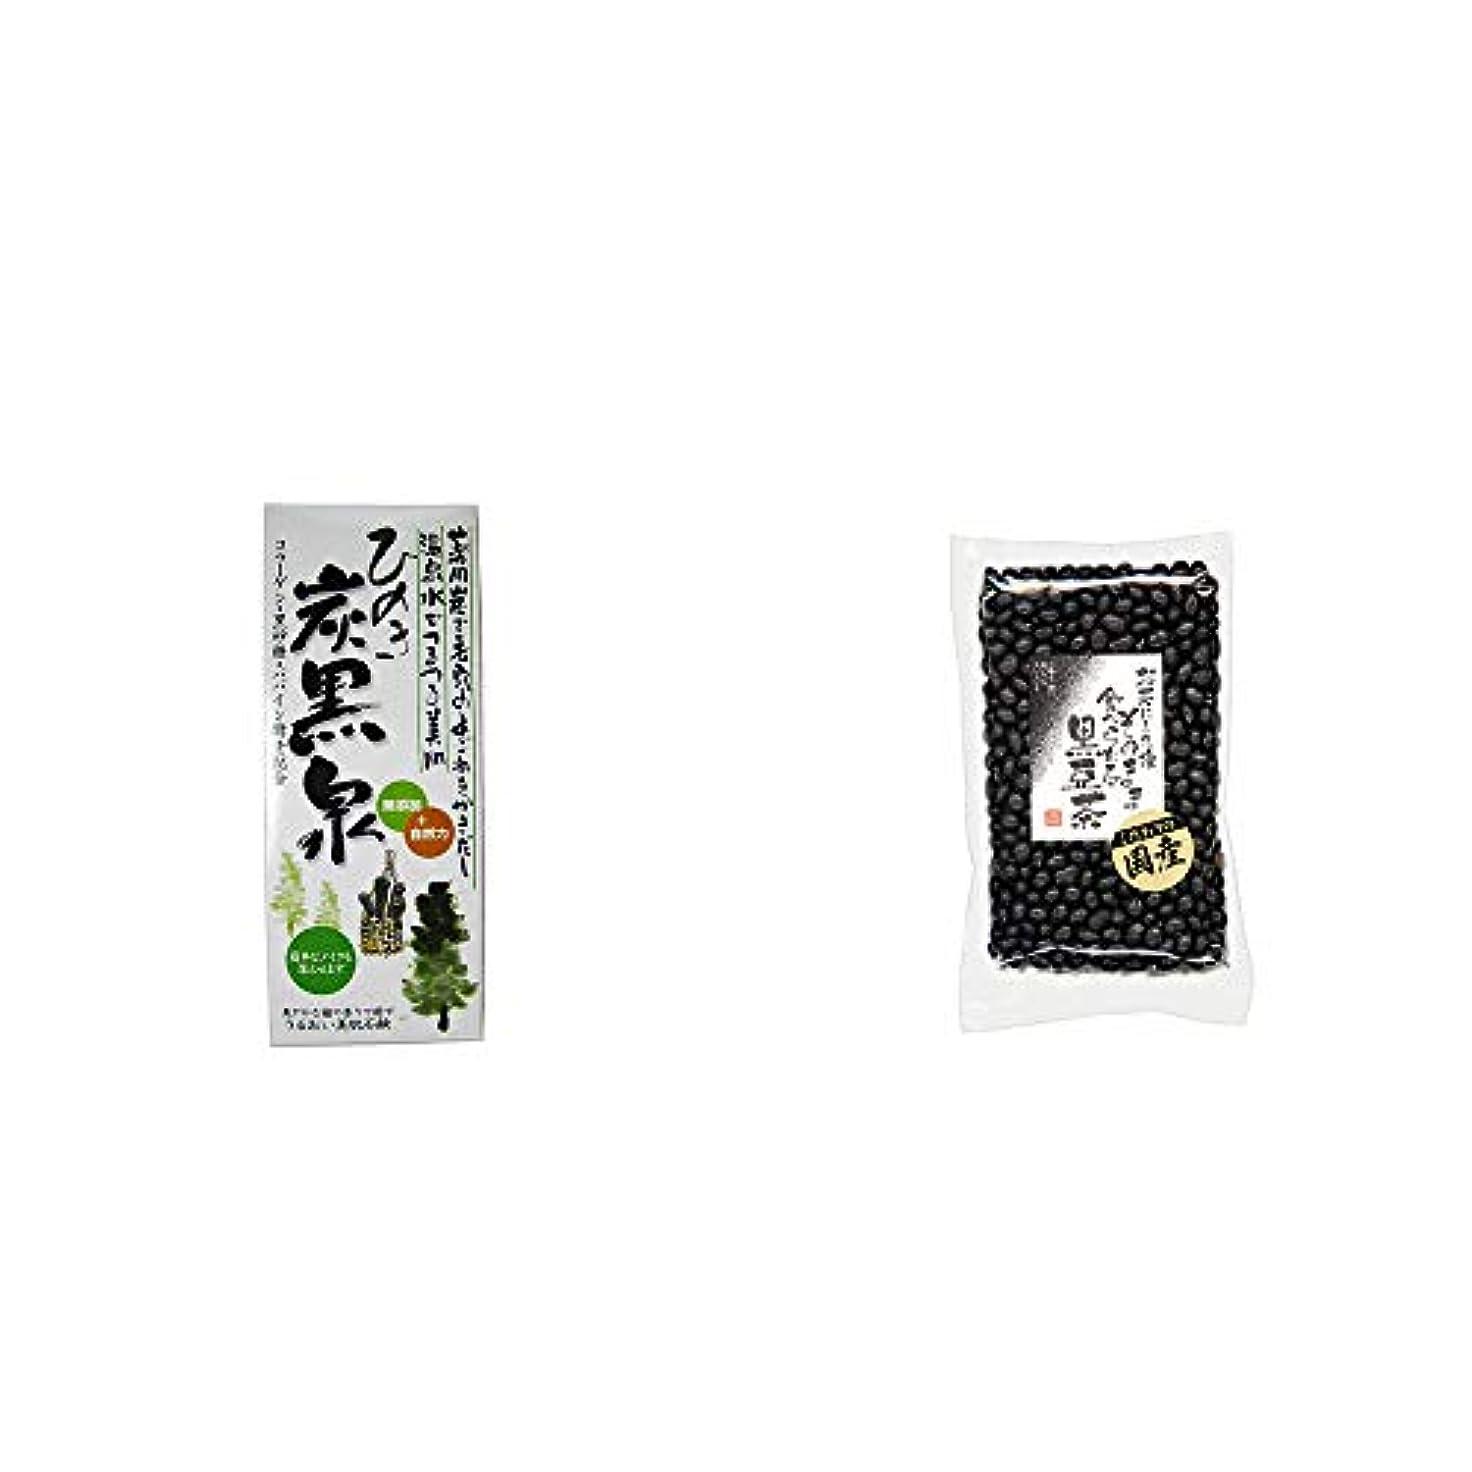 野球バクテリア十分に[2点セット] ひのき炭黒泉 箱入り(75g×3)?国産 黒豆茶(200g)